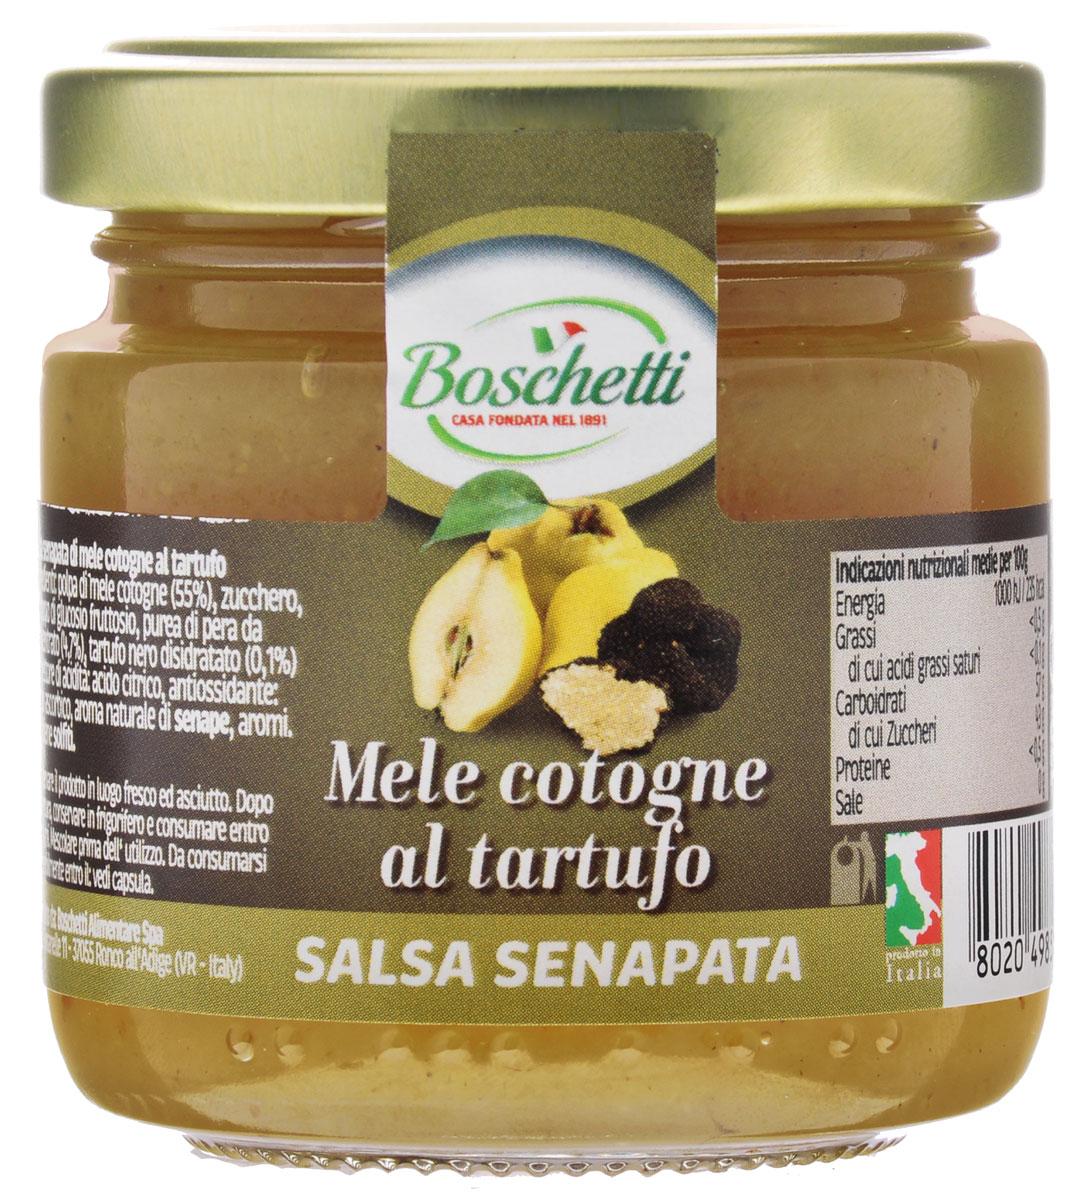 Boschetti Mele cotogne al tartufo соус сальса, 120 гSP#TC35AYBoschetti Mele cotogne al tartufo - классический овощной соус южных стран. Сальсу часто подают в качестве дипа и для добавления к разнообразным блюдам — как овощным, так и мясным.Состав: мякоть айвы (55%), сахар, сироп глюкозы-фруктозы, пюре грушевое концентрированное (4,7%), чёрный трюфель сушёный (0,1%), регулятор кислотности (лимонная кислота), антиокислитель (аскорбиновая кислота), натуральный ароматизатор горчица, ароматизаторы. Содержит сульфиты.